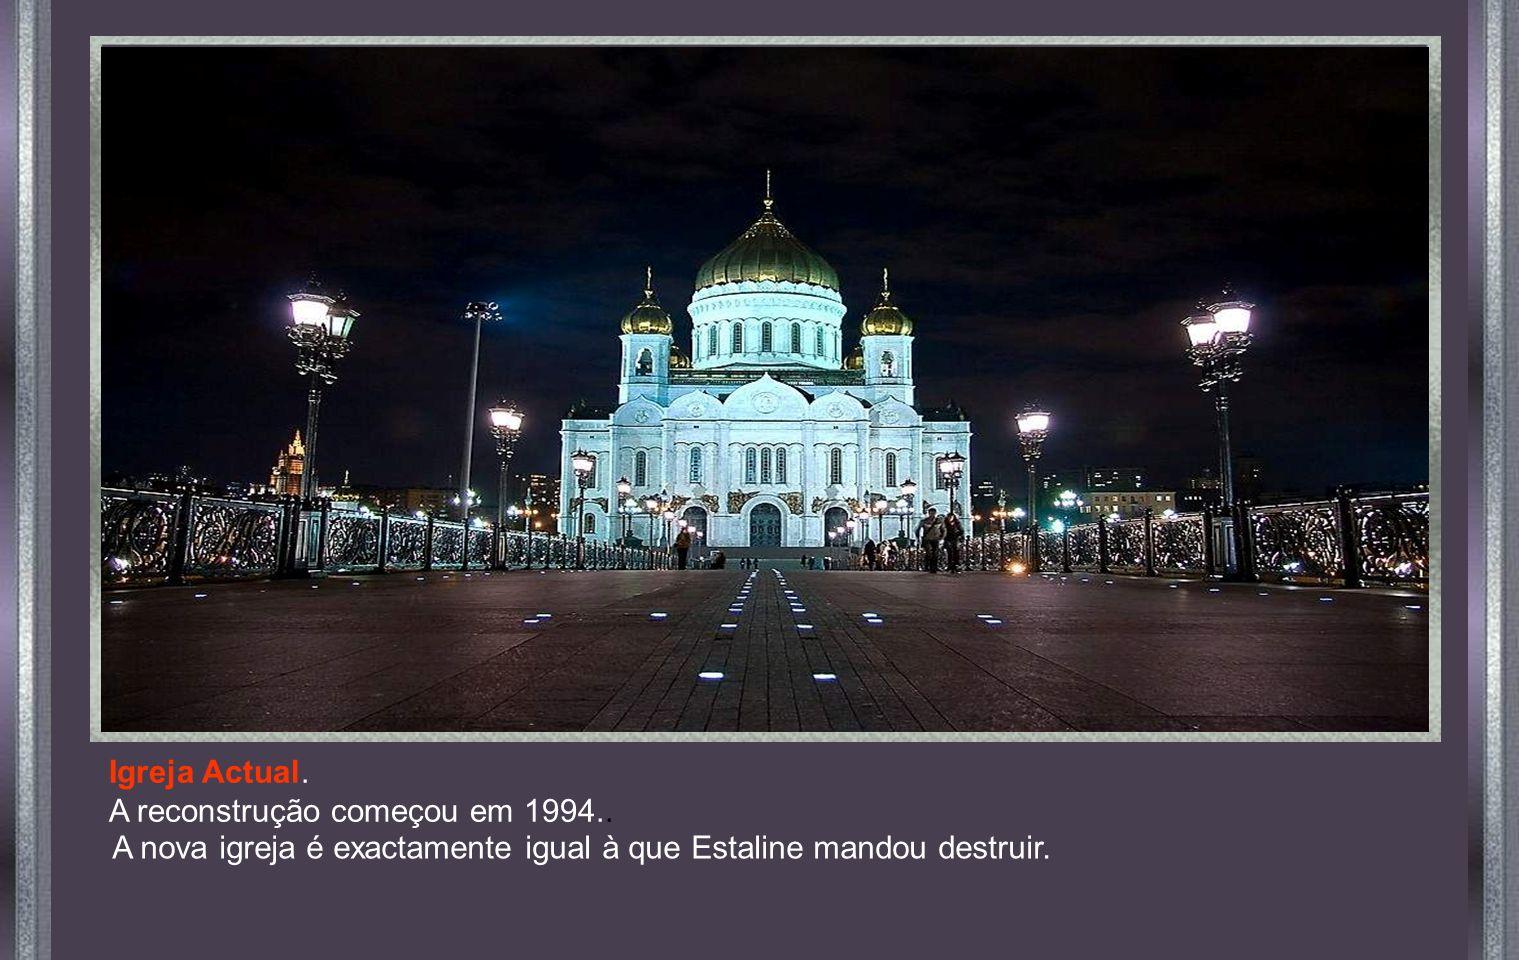 A nova igreja é exactamente igual à que Estaline mandou destruir.